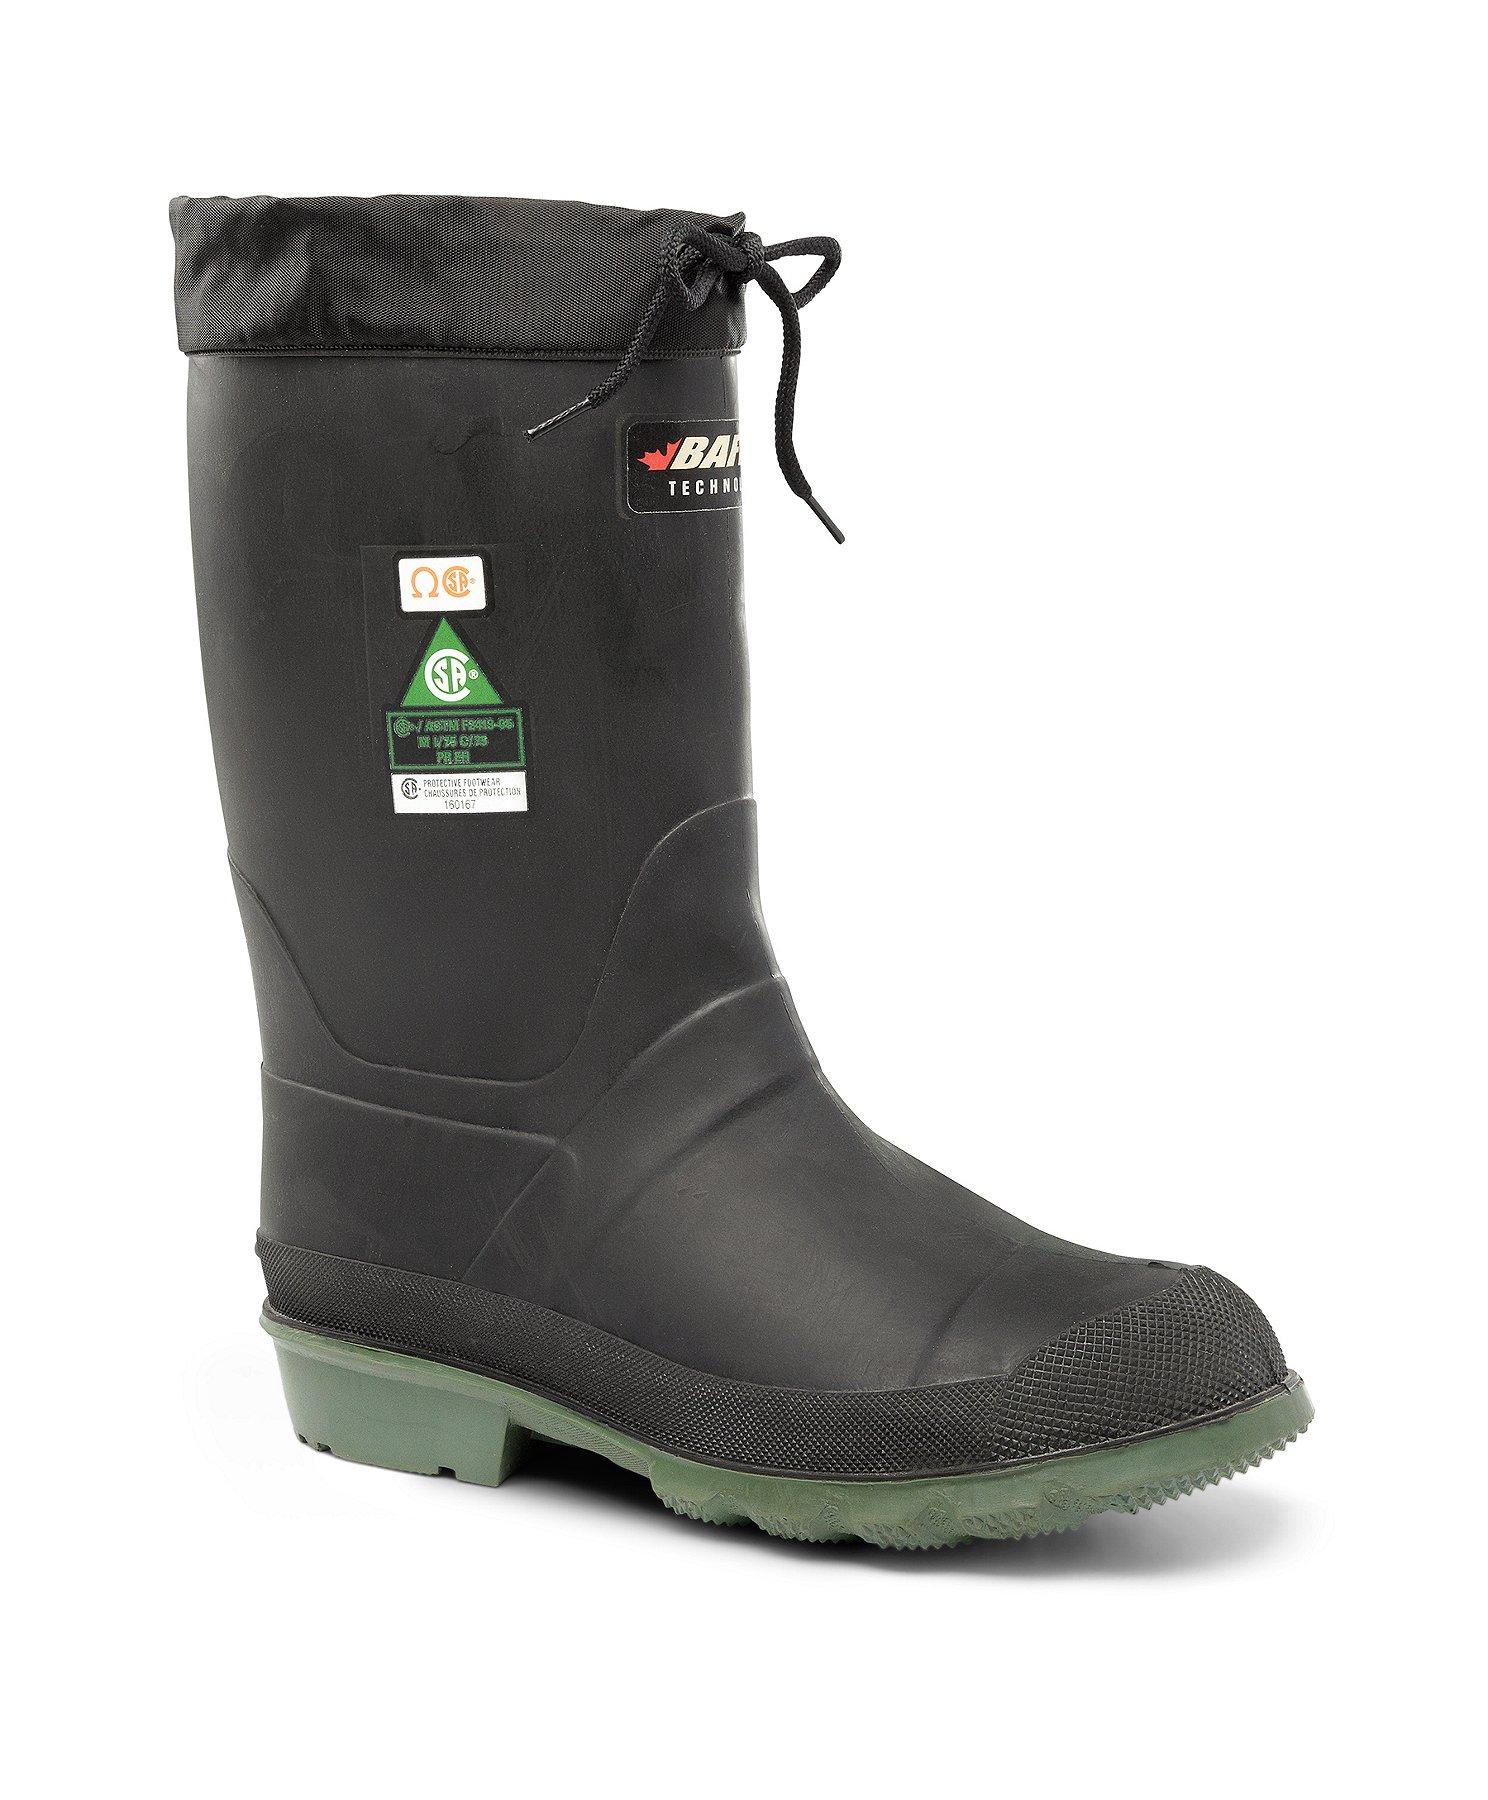 Men's Hunter Felt Lined Steel Toe Steel Plate Rubber Boots